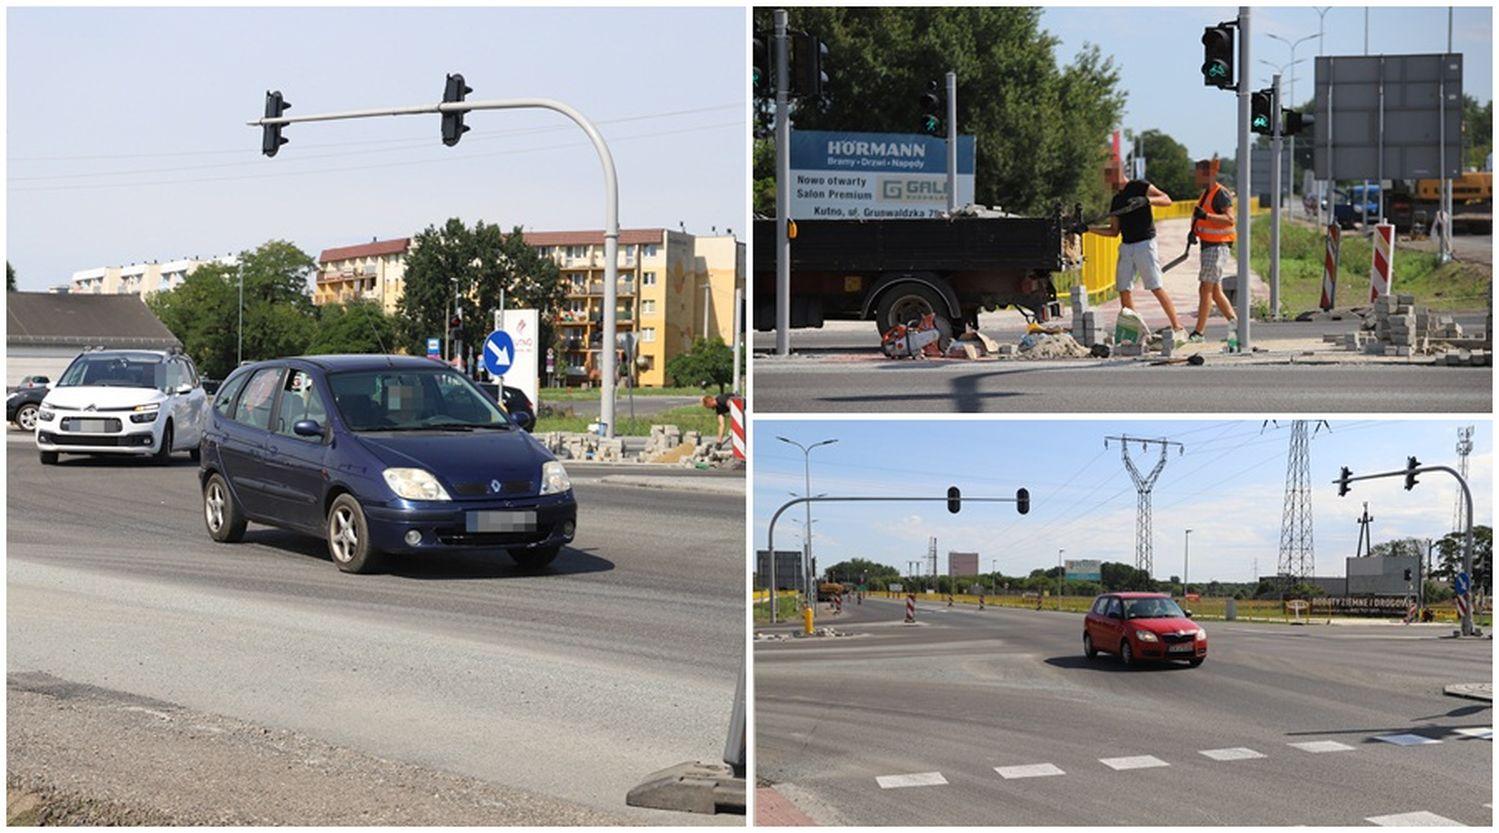 Ulga dla kierowców. Koniec korków, skrzyżowanie na kutnowskim Łąkoszynie przejezdne [ZDJĘCIA/WIDEO] - Zdjęcie główne